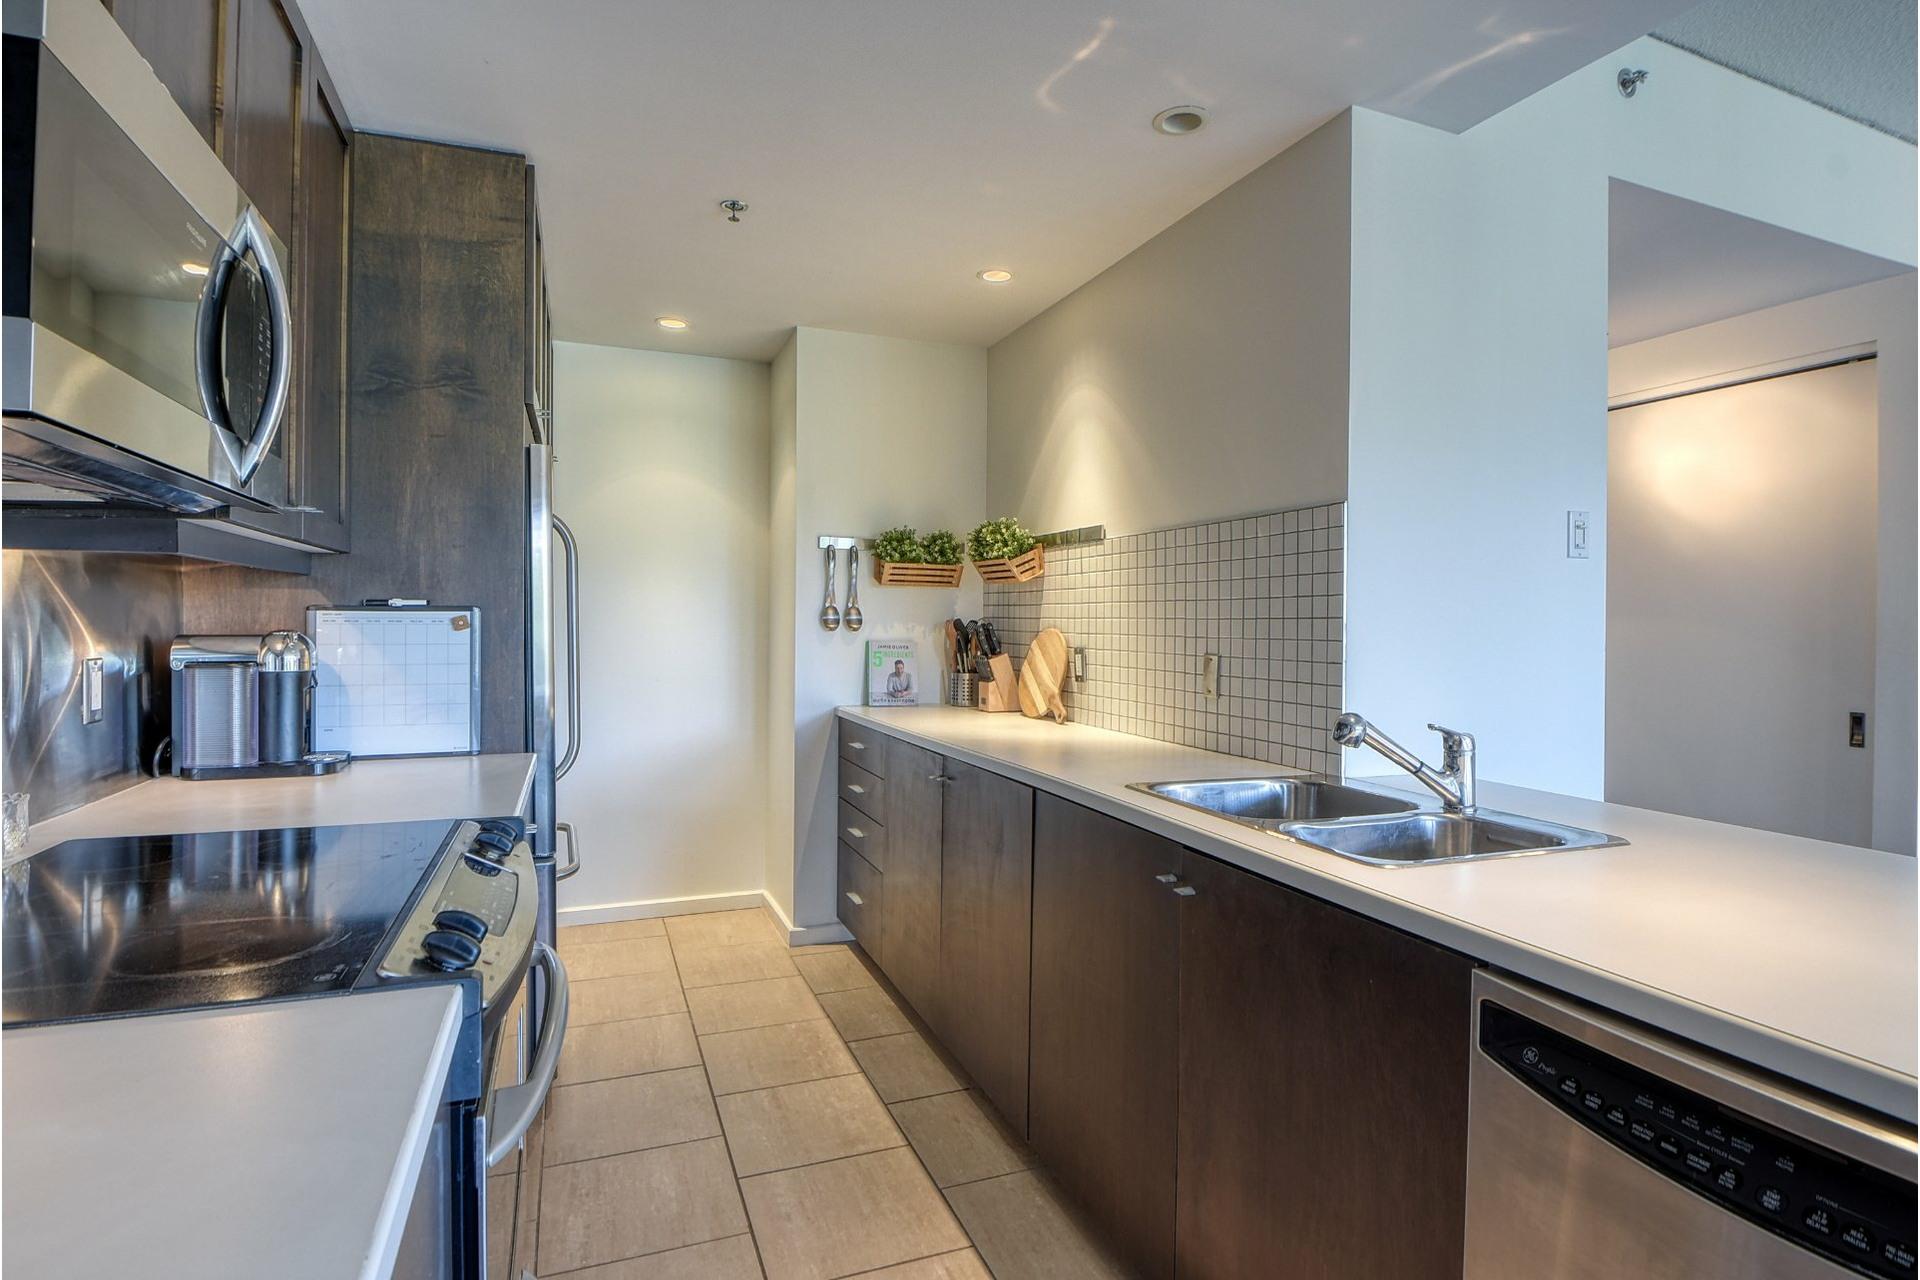 image 6 - Apartment For rent Verdun/Île-des-Soeurs Montréal  - 6 rooms